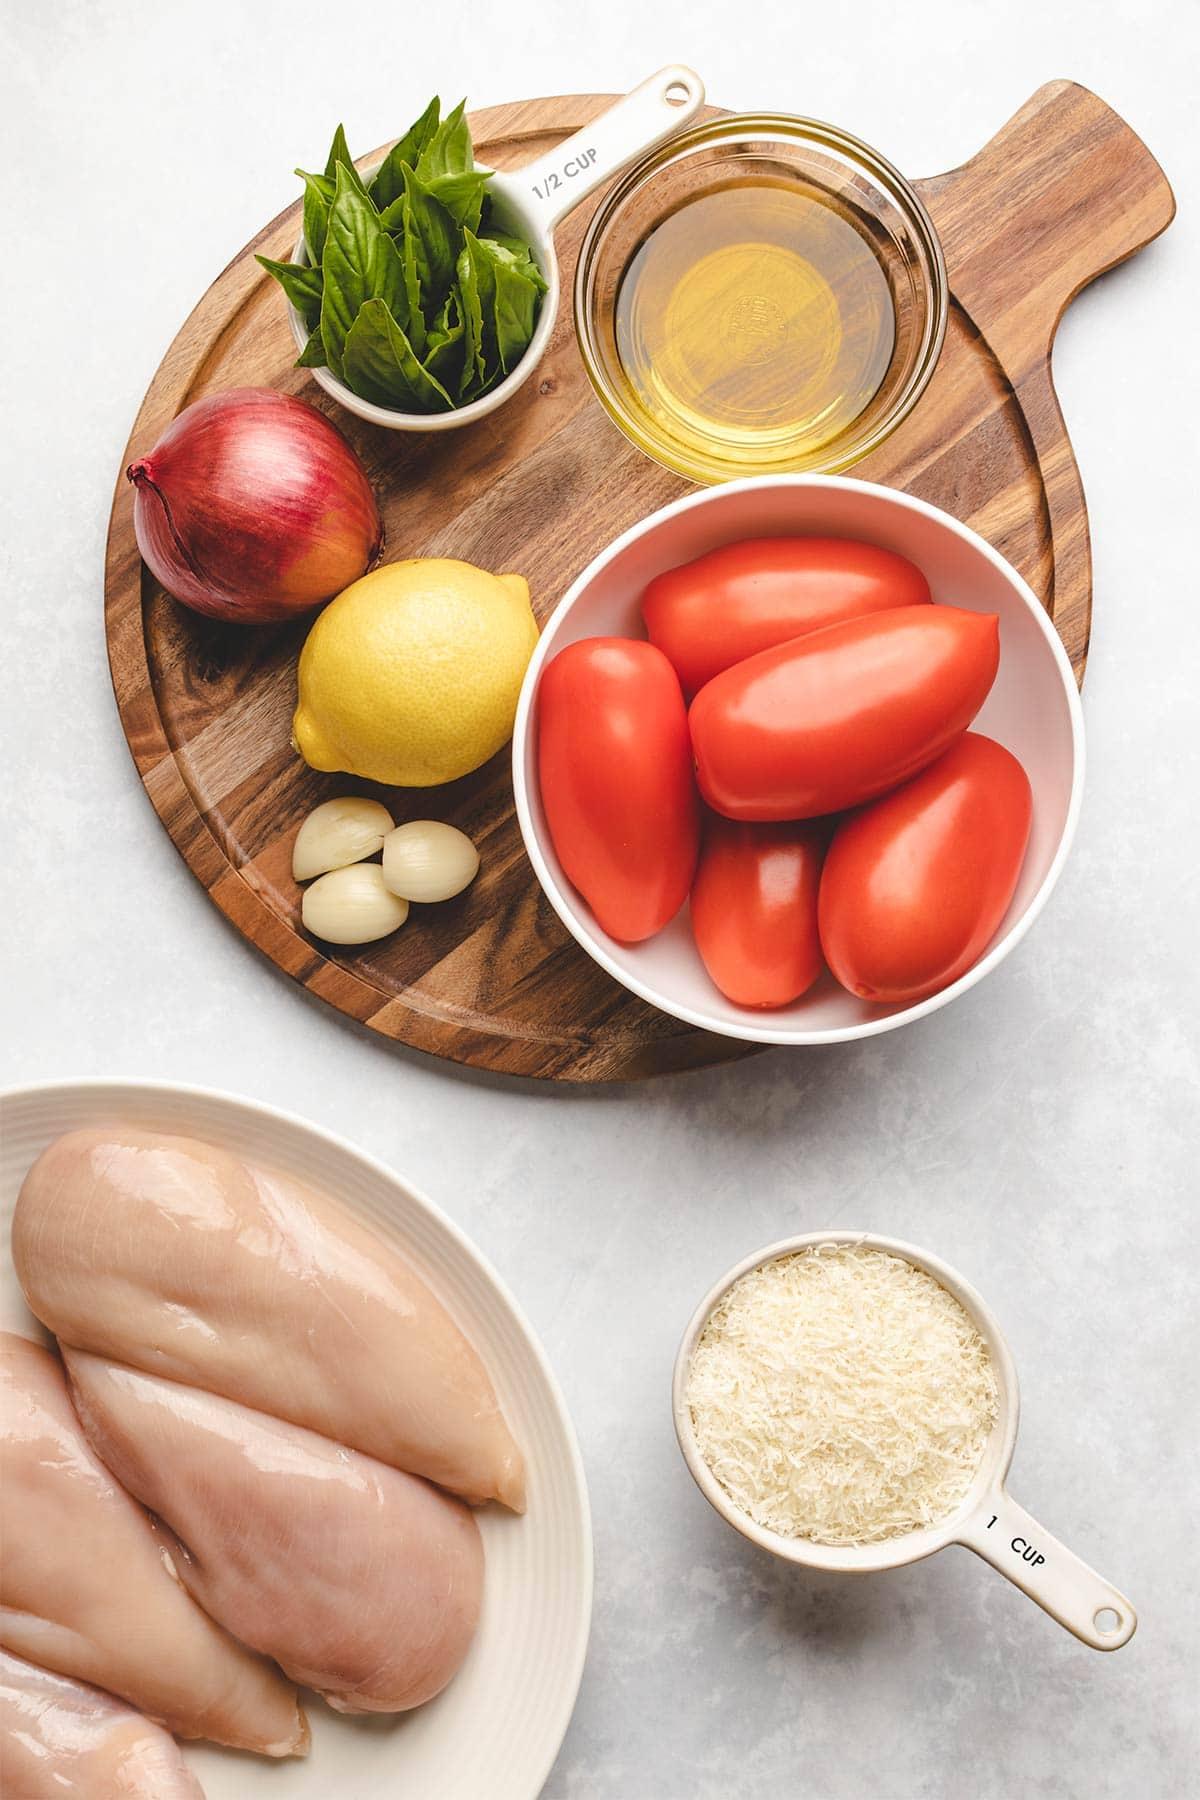 Ingredients needed to make Bruschetta Chicken Bake viewed from overhead.